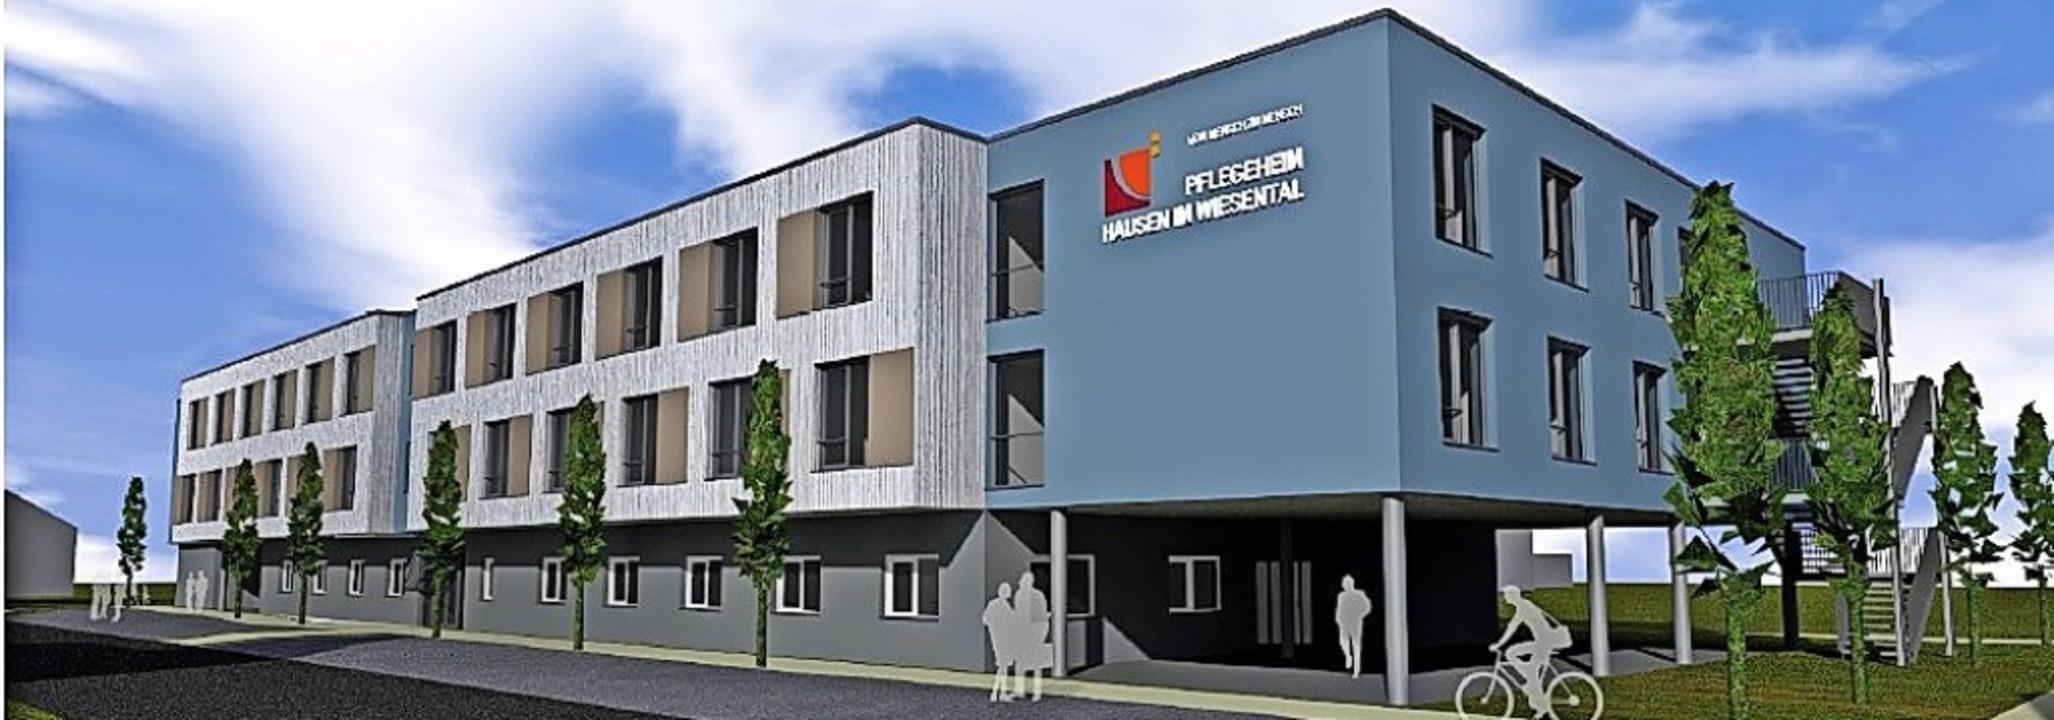 Das geplante Pflegeheim in der Hausene...urf) sorgt weiterhin für Diskussionen.    Foto: Planungsbüro Sutter³